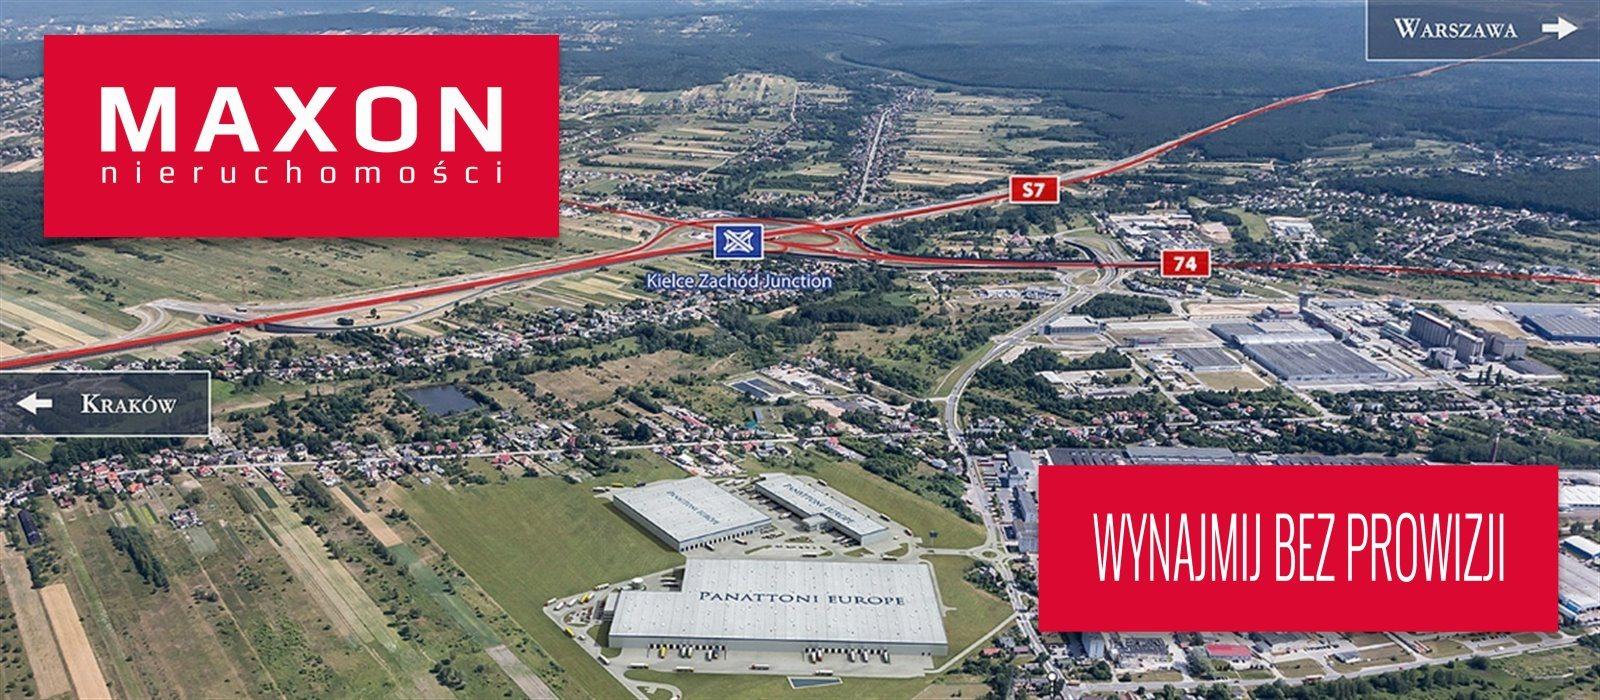 Lokal użytkowy na wynajem Kielce, ul. Malików  2000m2 Foto 1